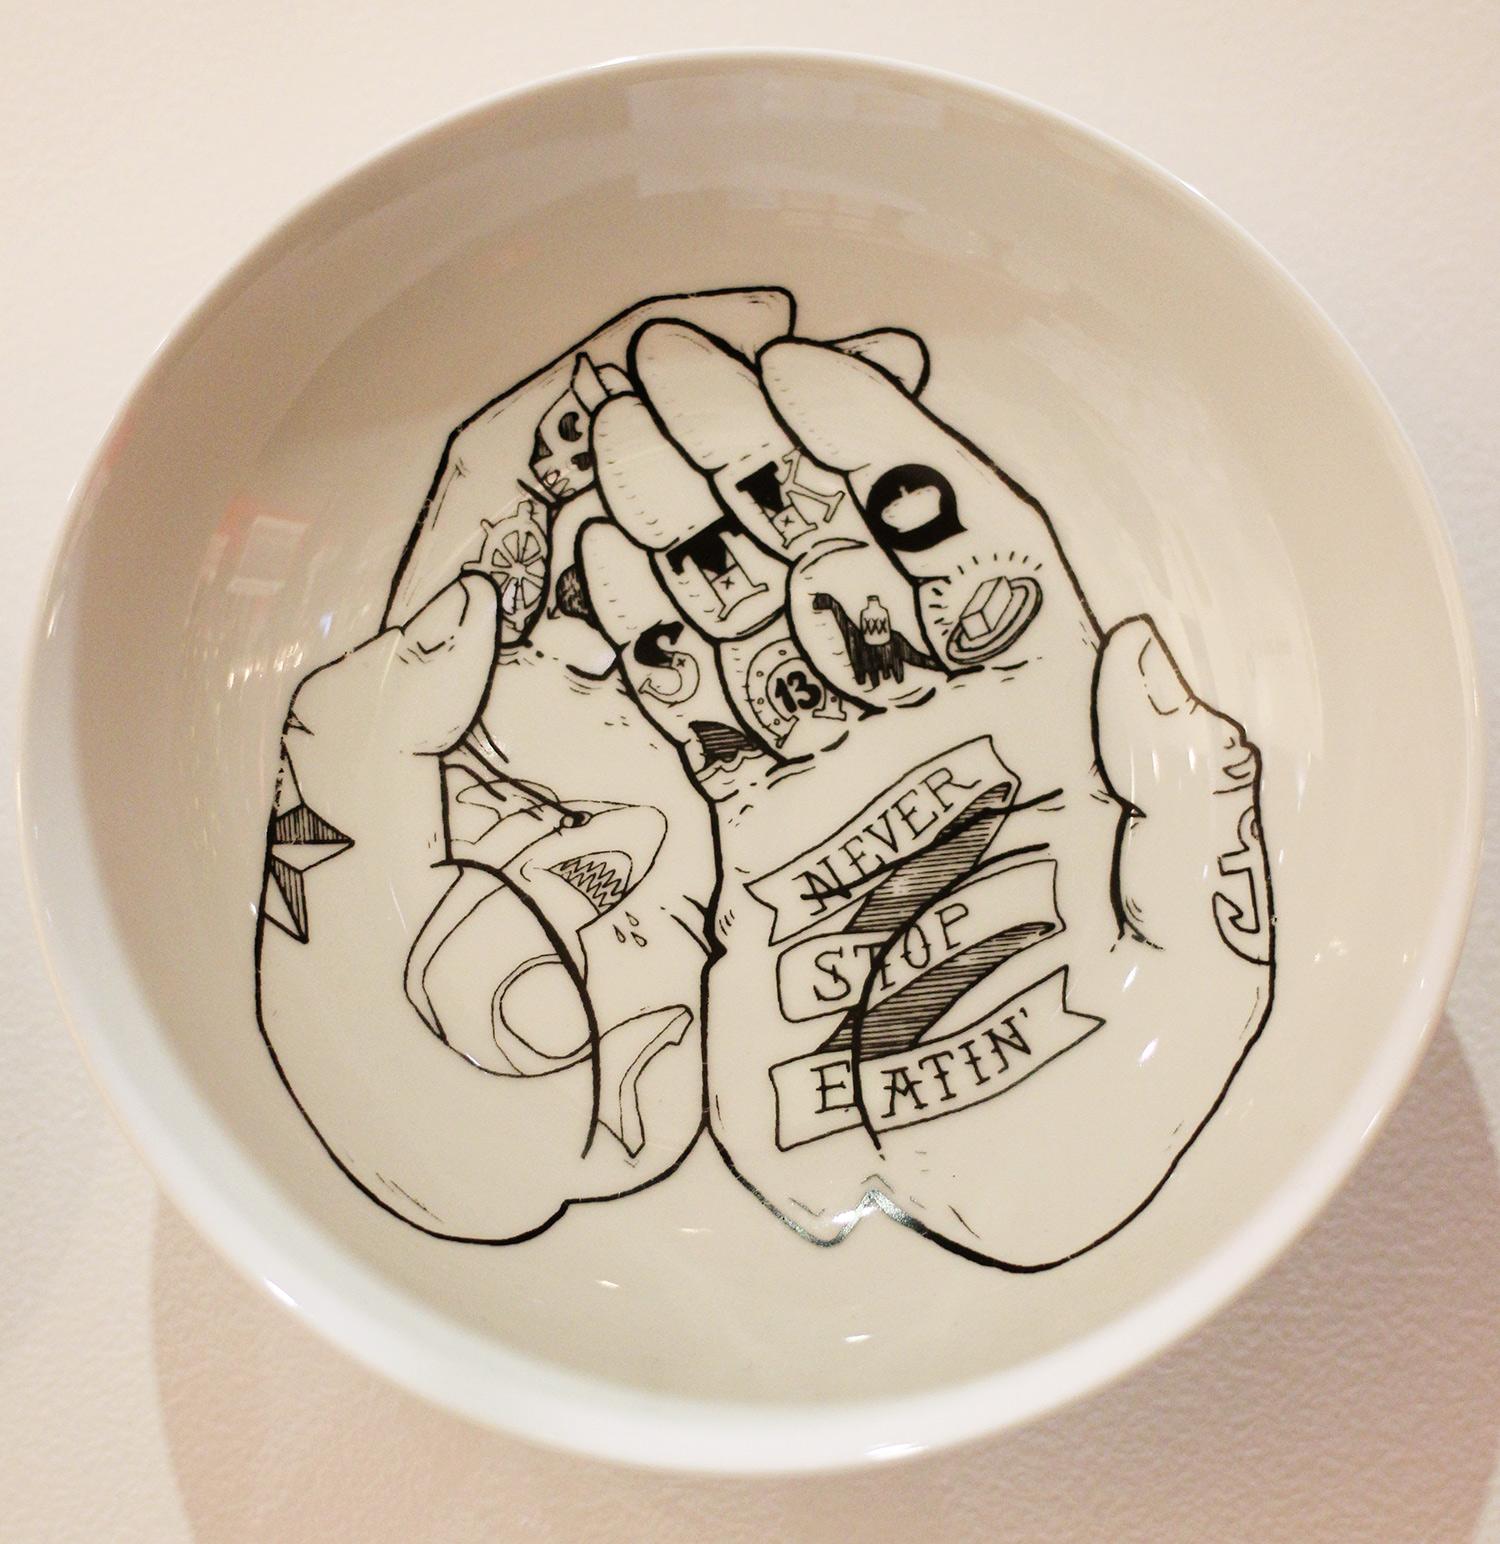 Said-The-King-Plate